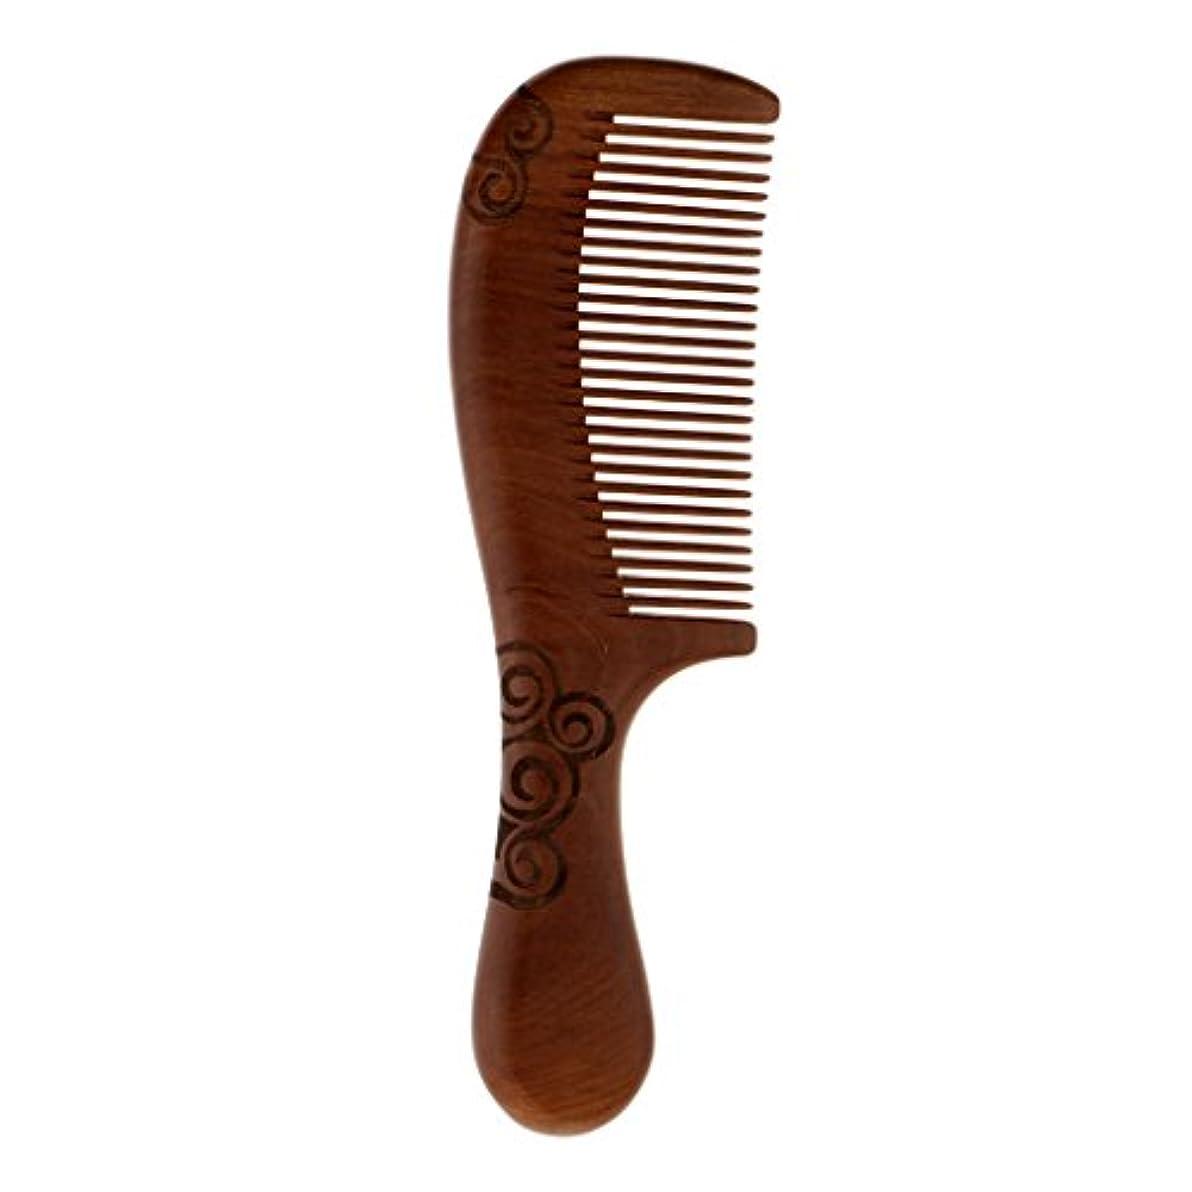 一元化する追うランチョンSM SunniMix ヘアコーム 櫛 木製 美髪ケア 頭皮マッサージ 帯電防止 髪の櫛 ヘアケア 頭皮に優しい